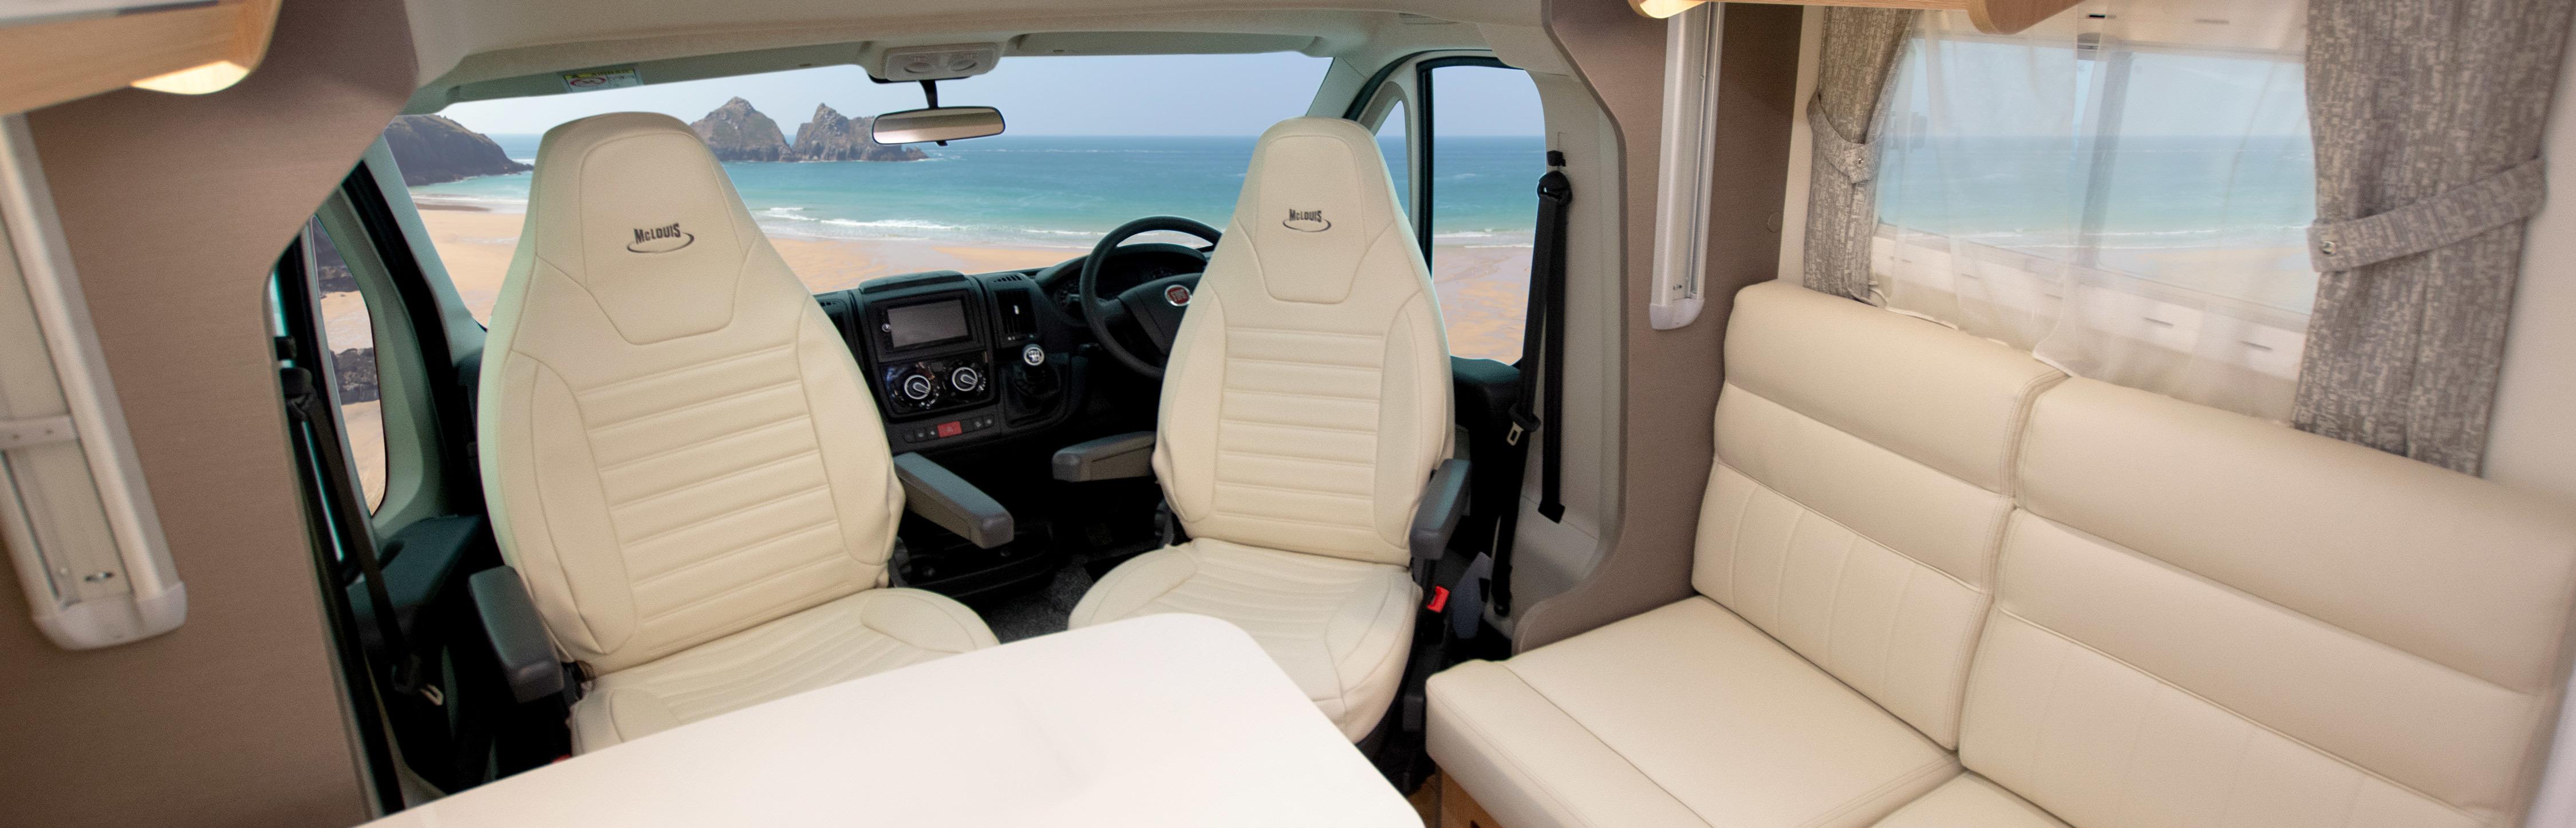 360 Cab